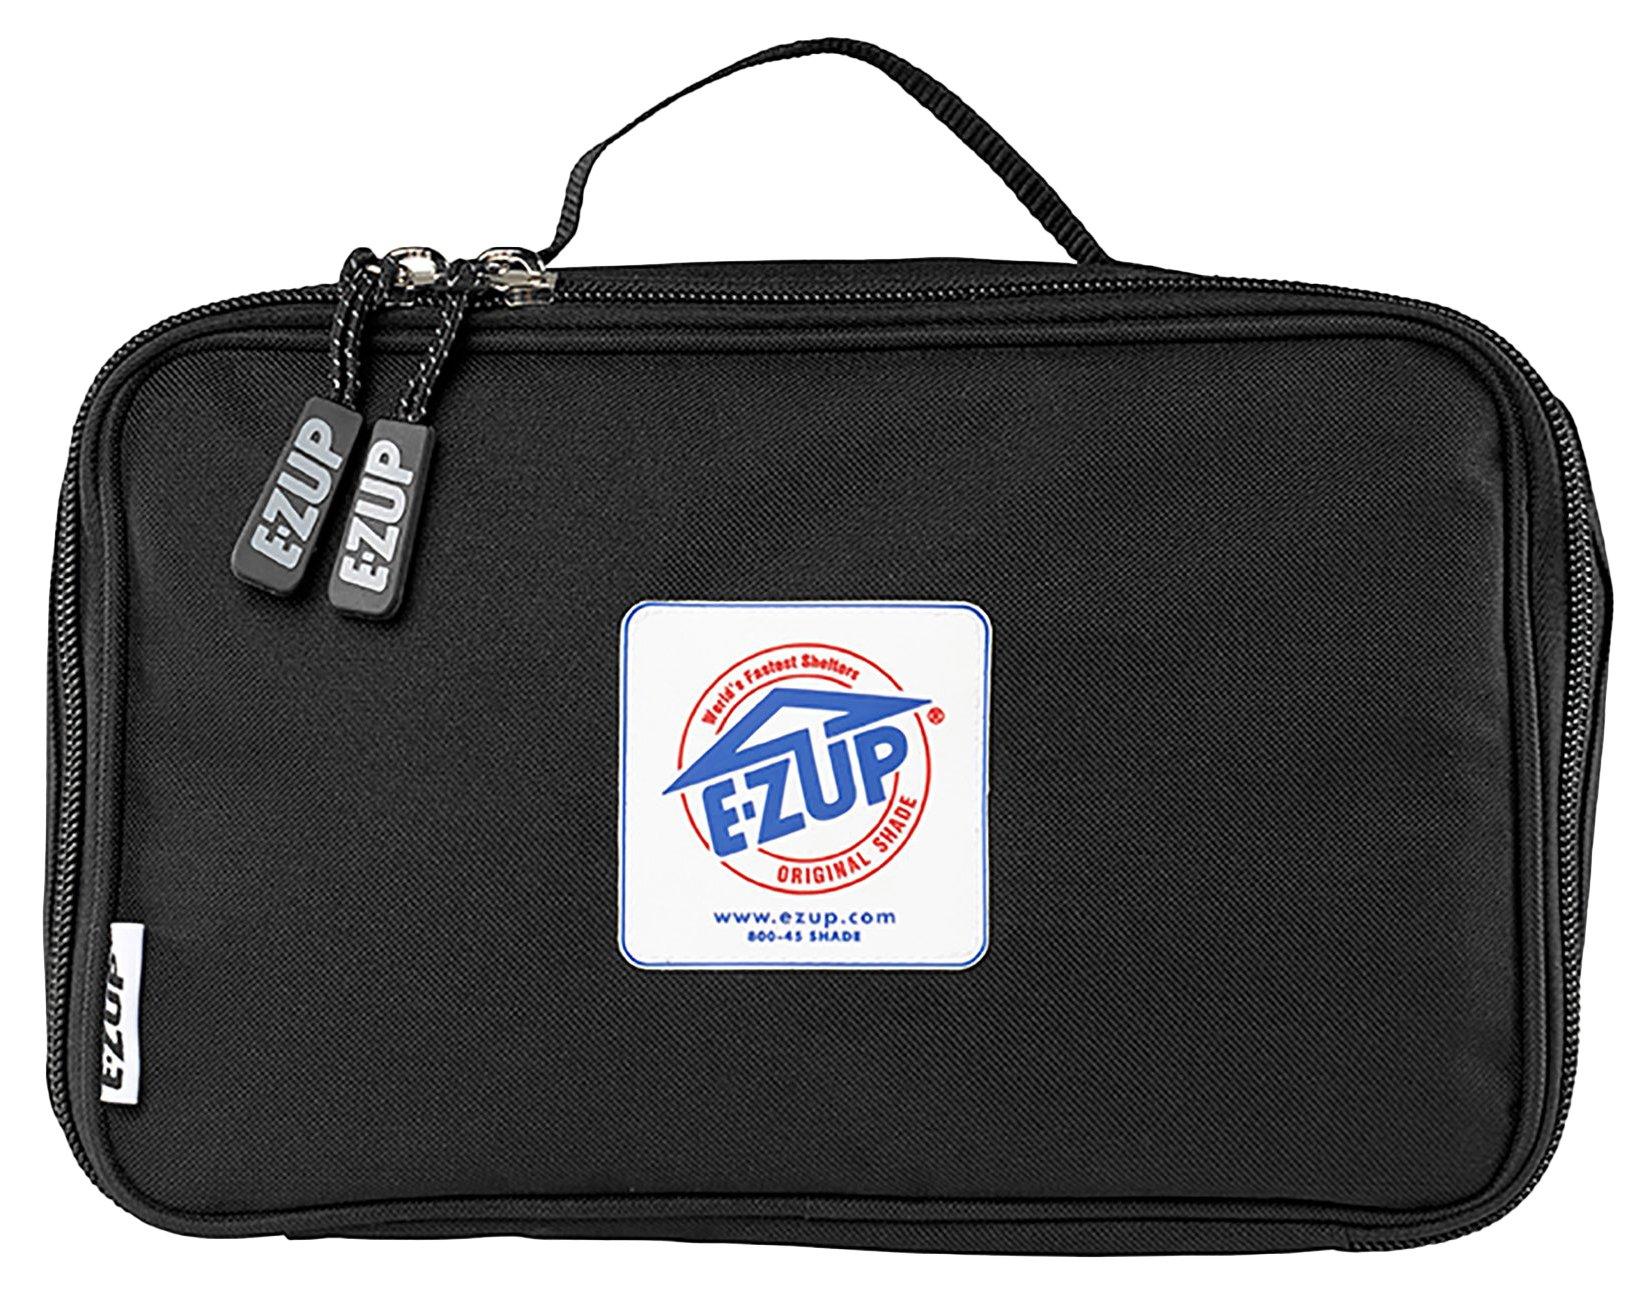 E-Z UP Event Light, Carrying Bag, Black